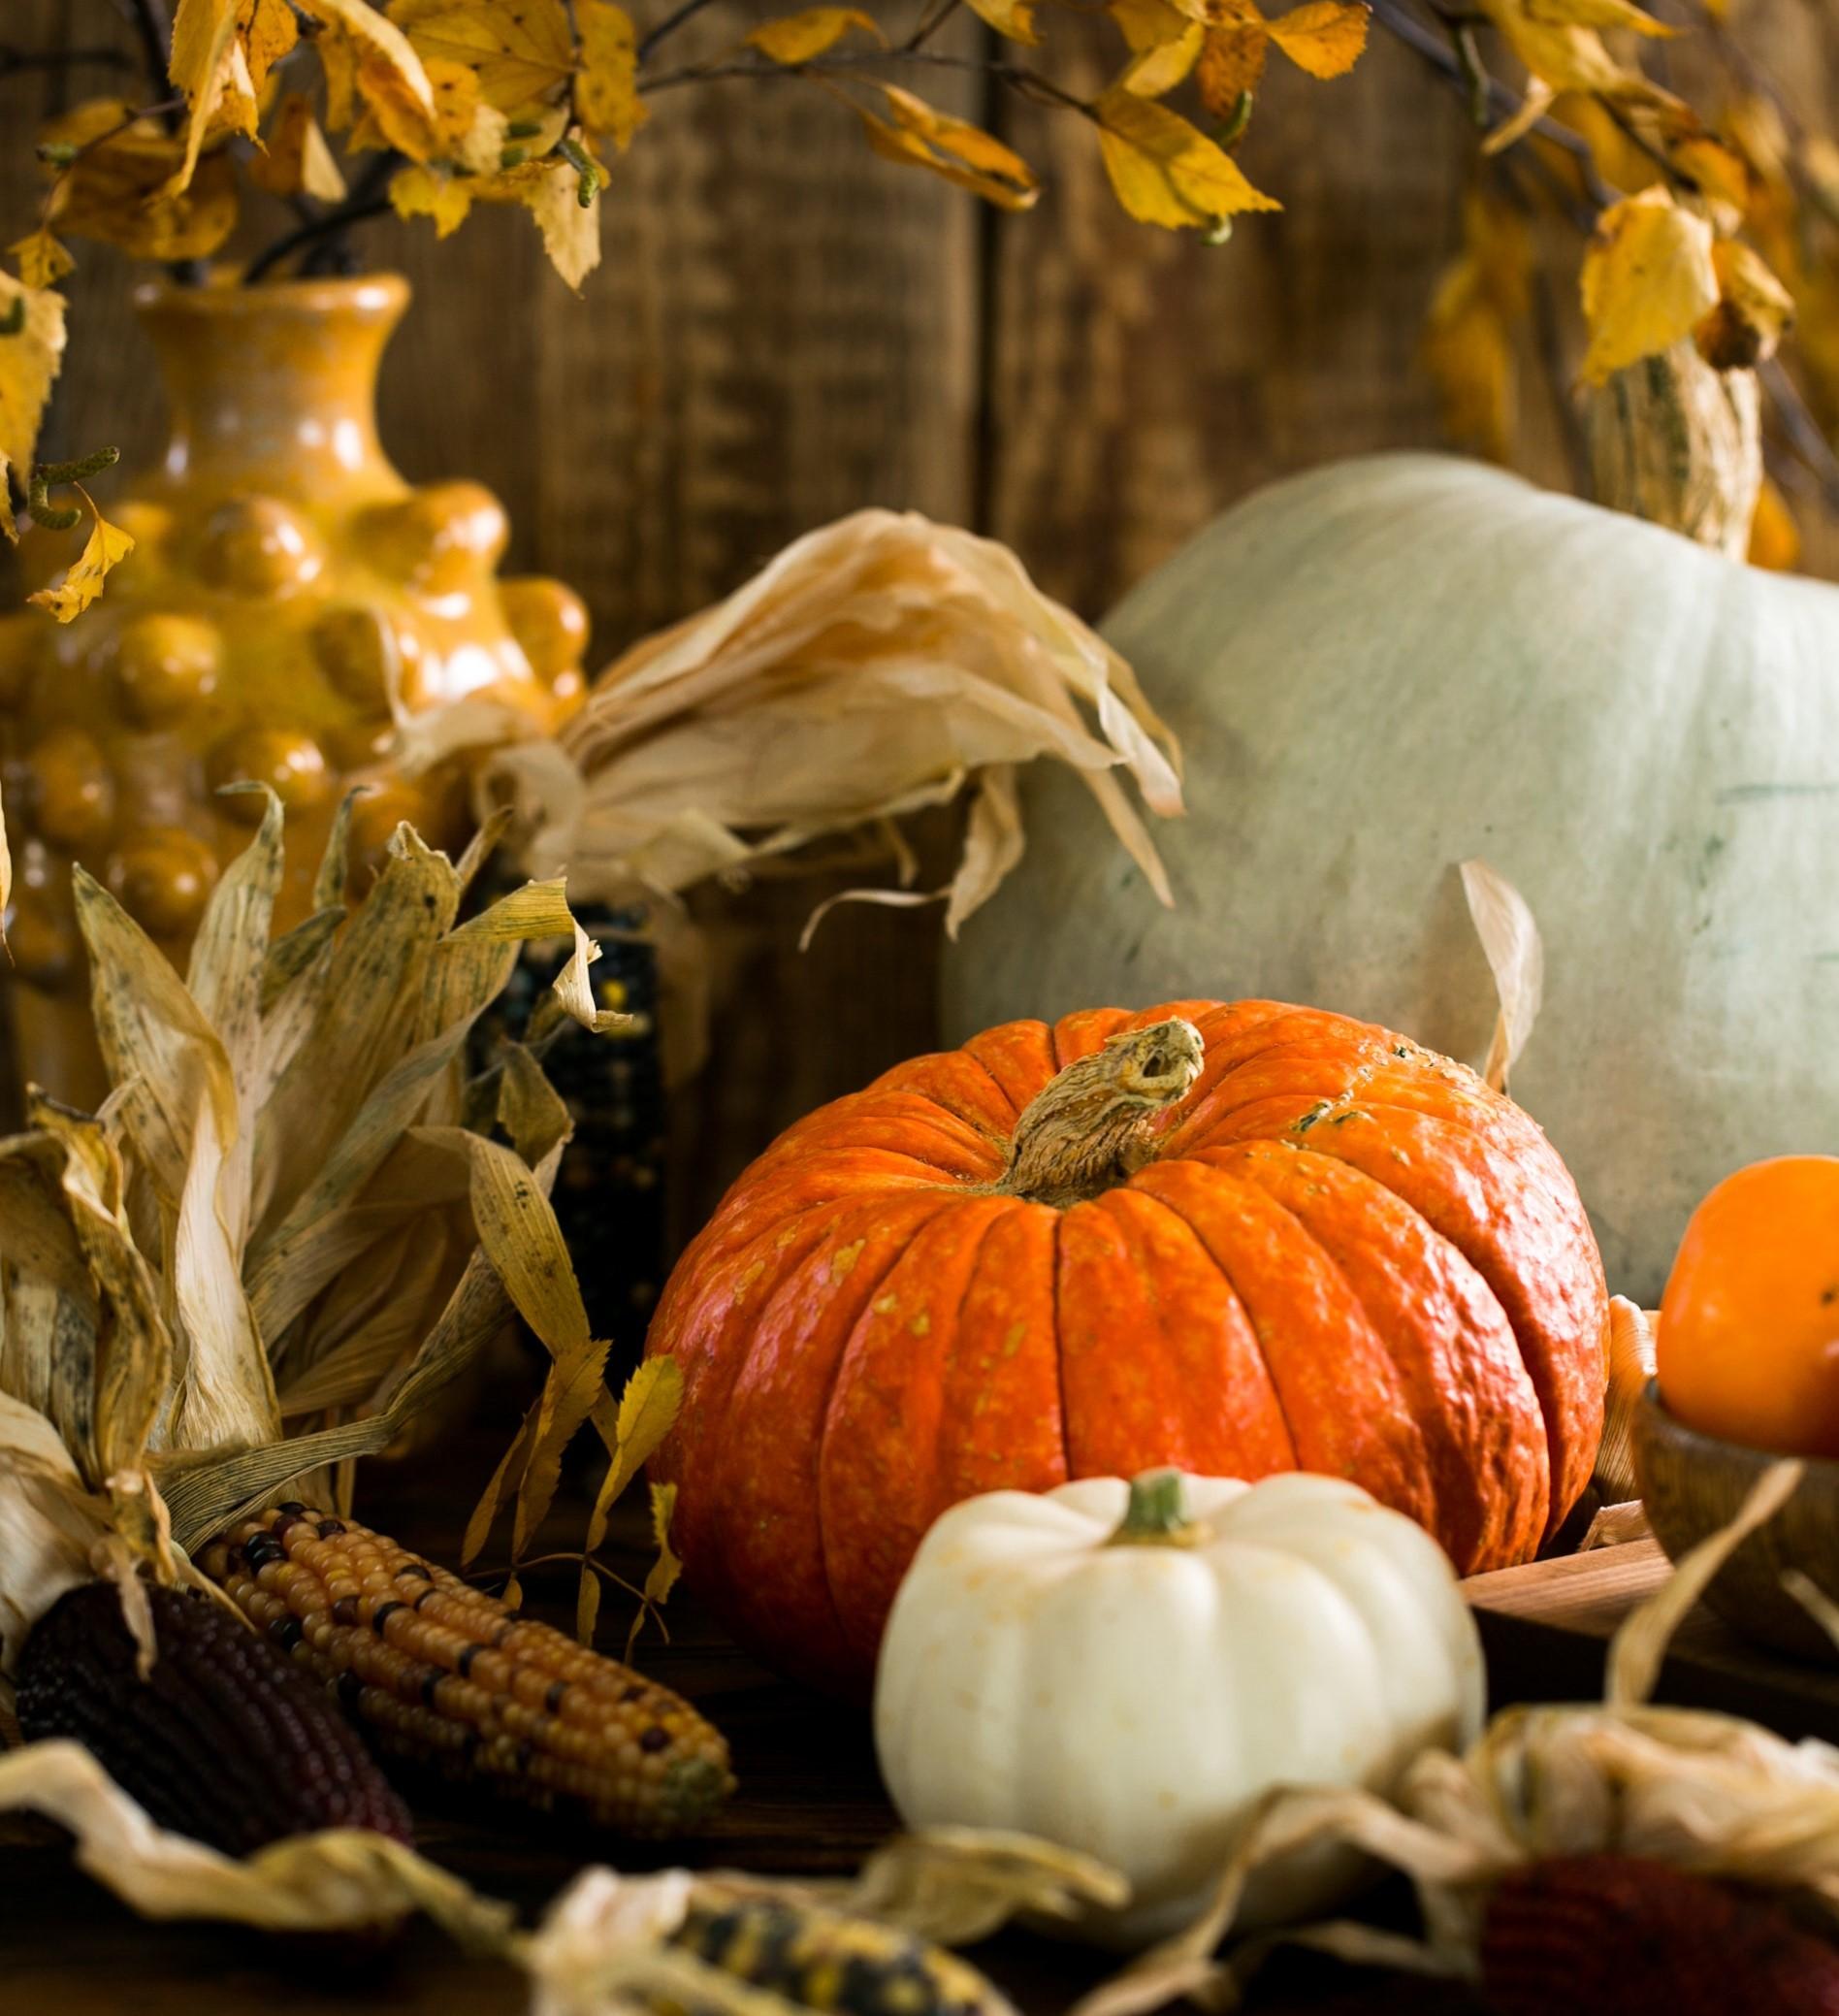 weiße und orangefarbene Kürbisse sind eine tolle Herbst Dekoration